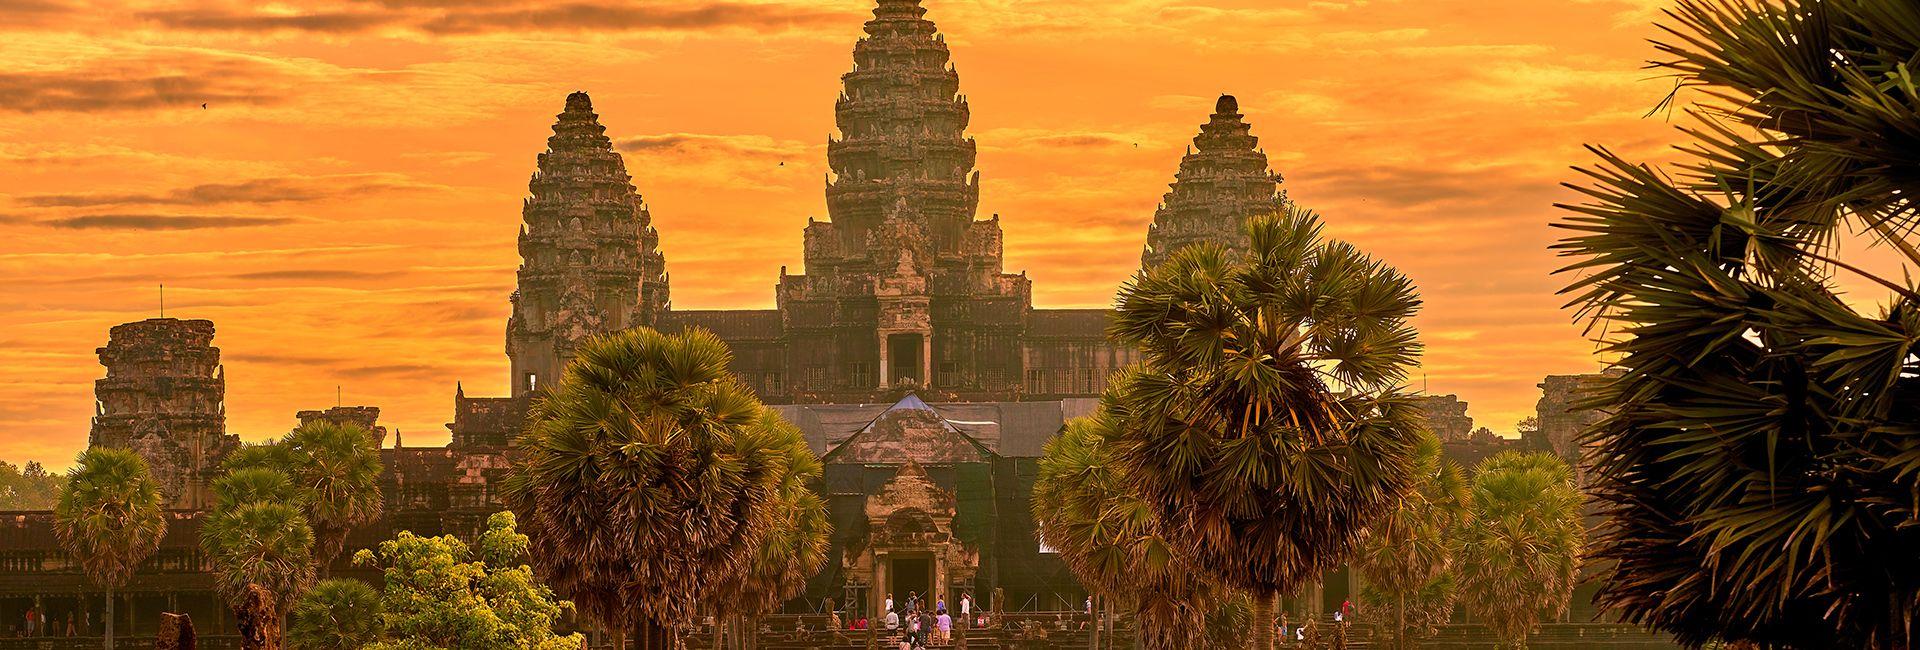 Nên du lịch Campuchia vào thời điểm nào trong năm?